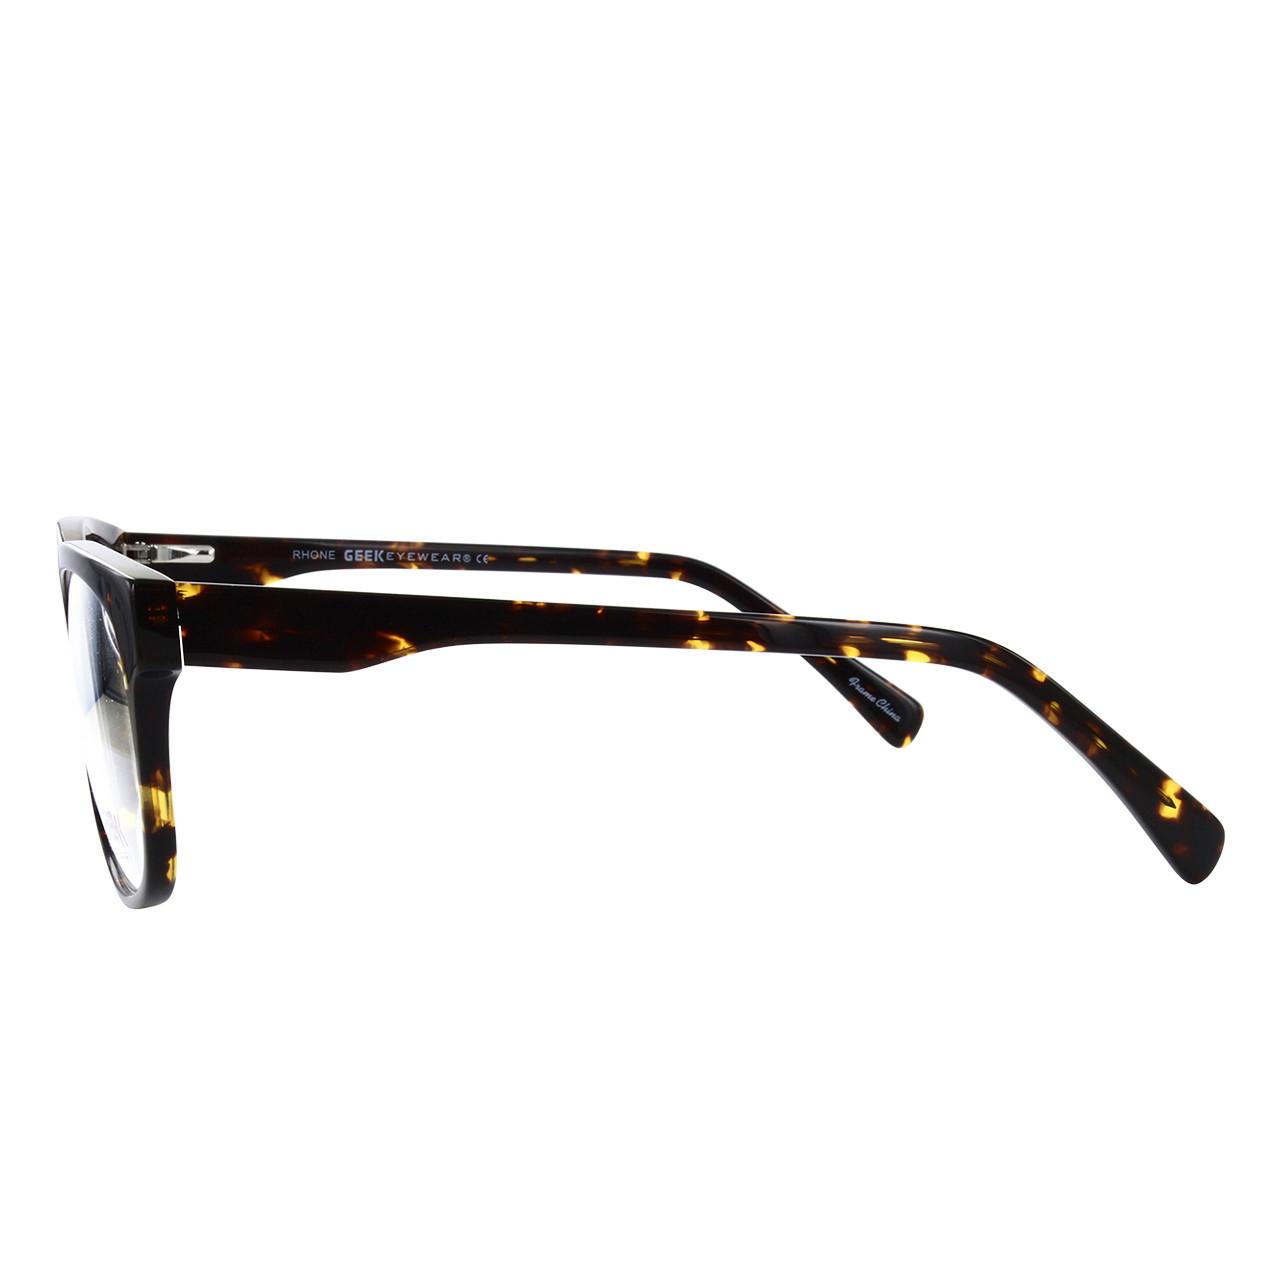 GEEK Eyewear GEEK RHONE Large Frames